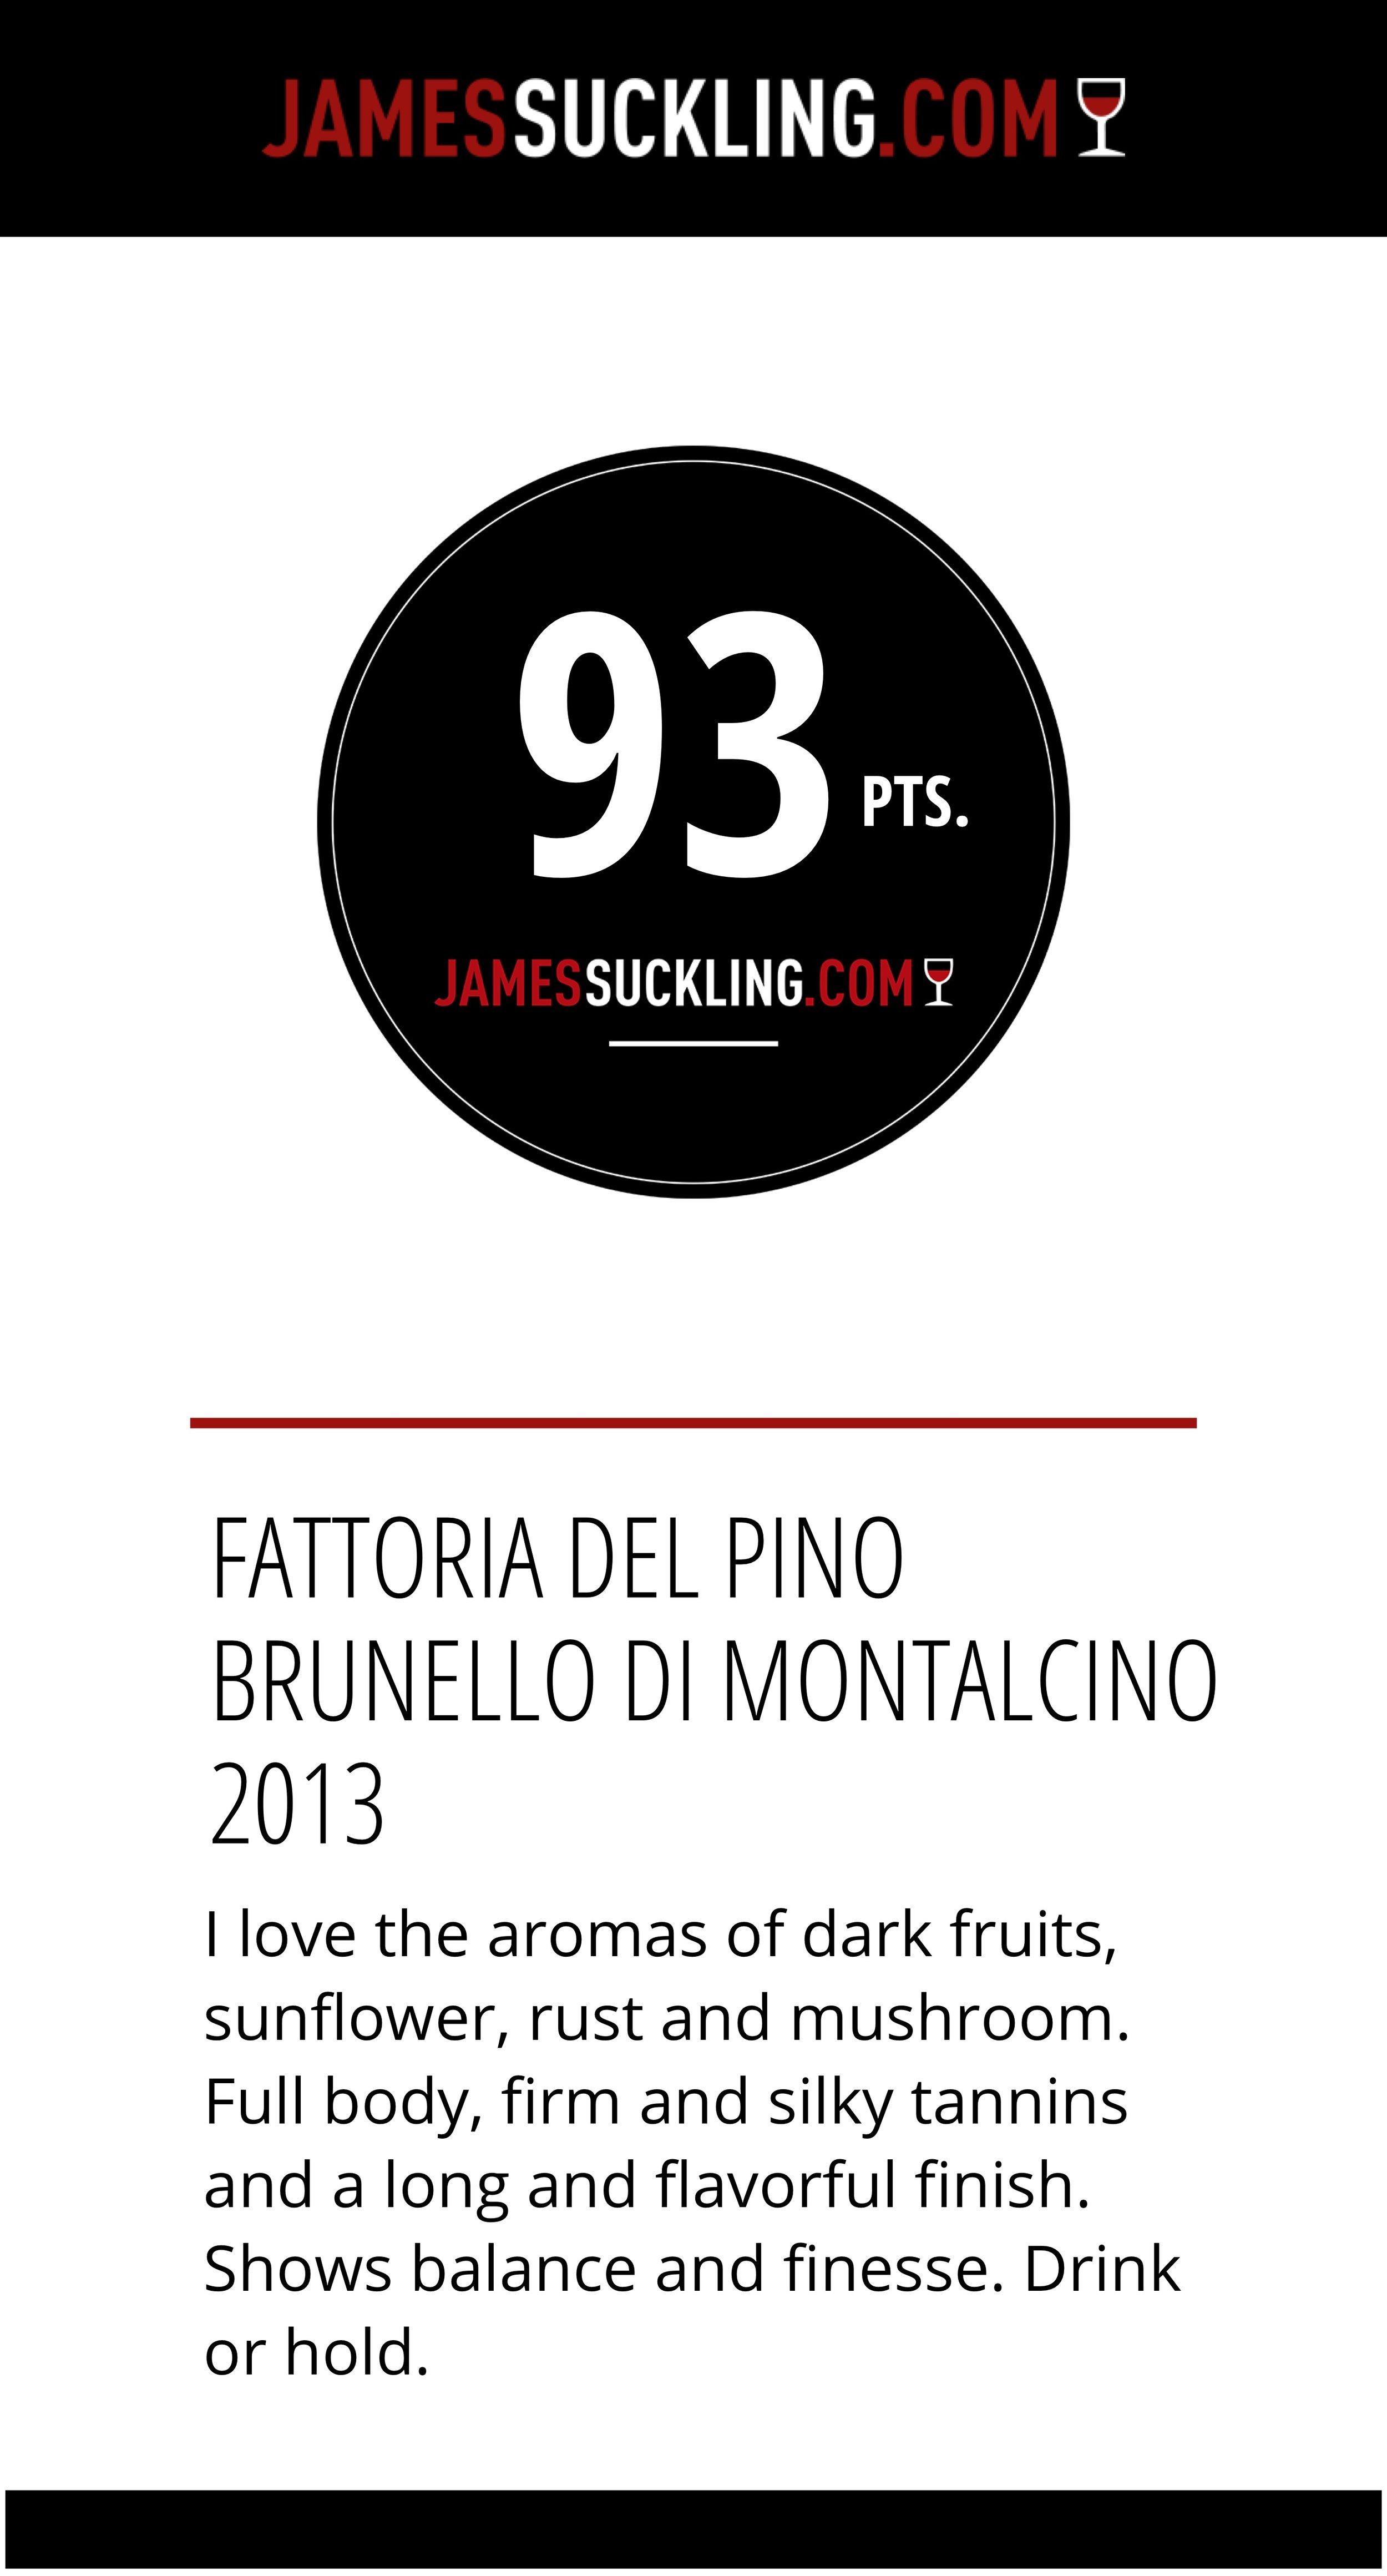 fattoria_del_pino_brunello_di_montalcino_2013 copy.jpg